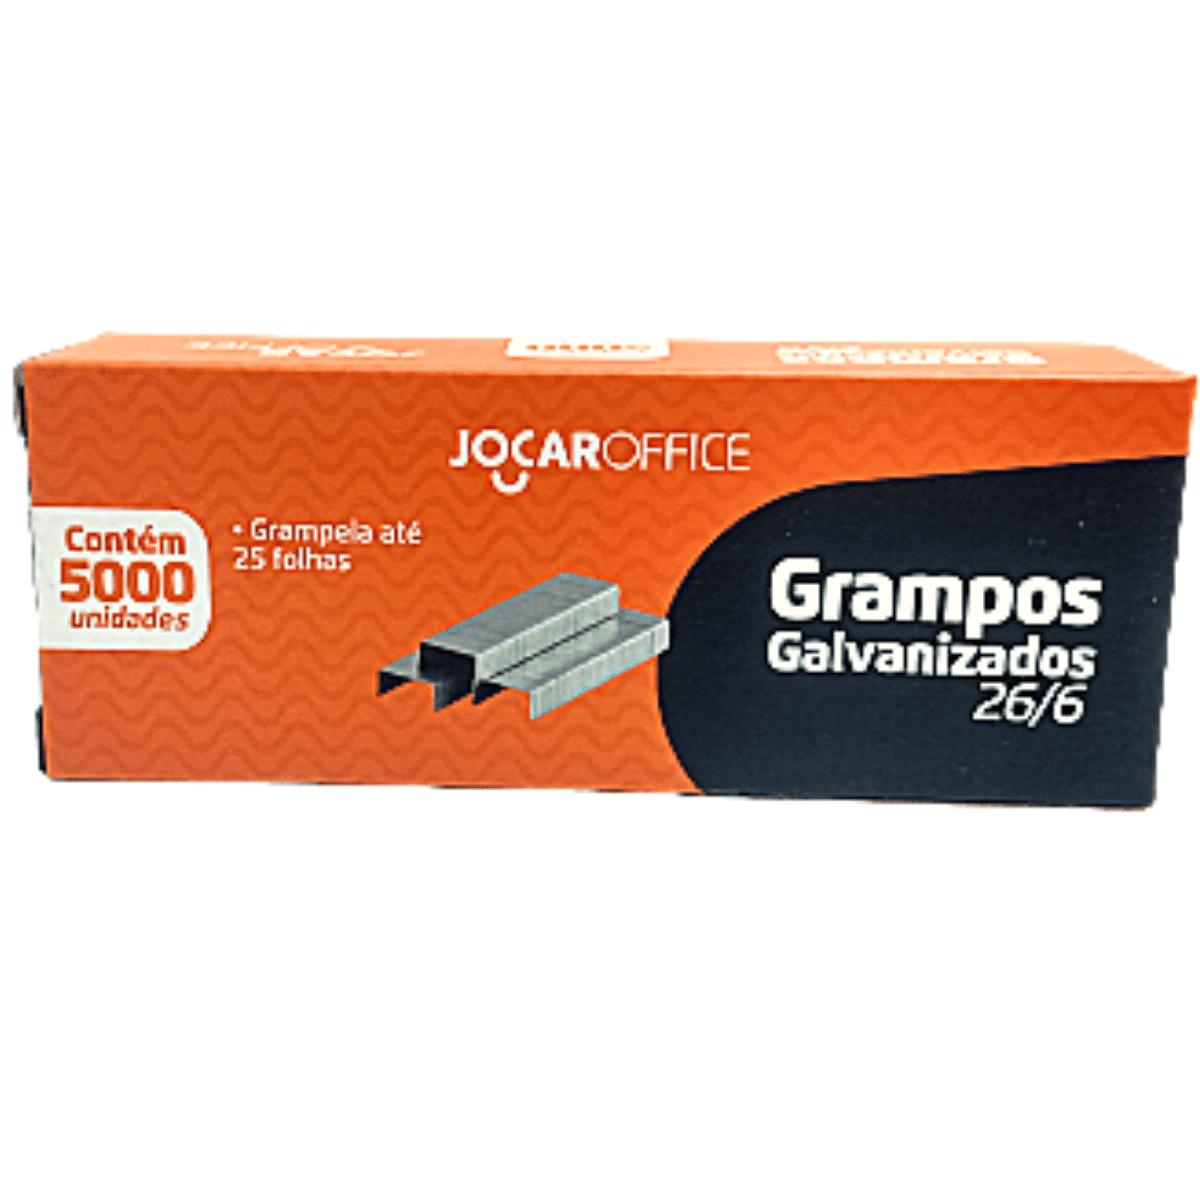 Grampos 26/6 Galvanizado 5000 unidades GRAMPO 93010